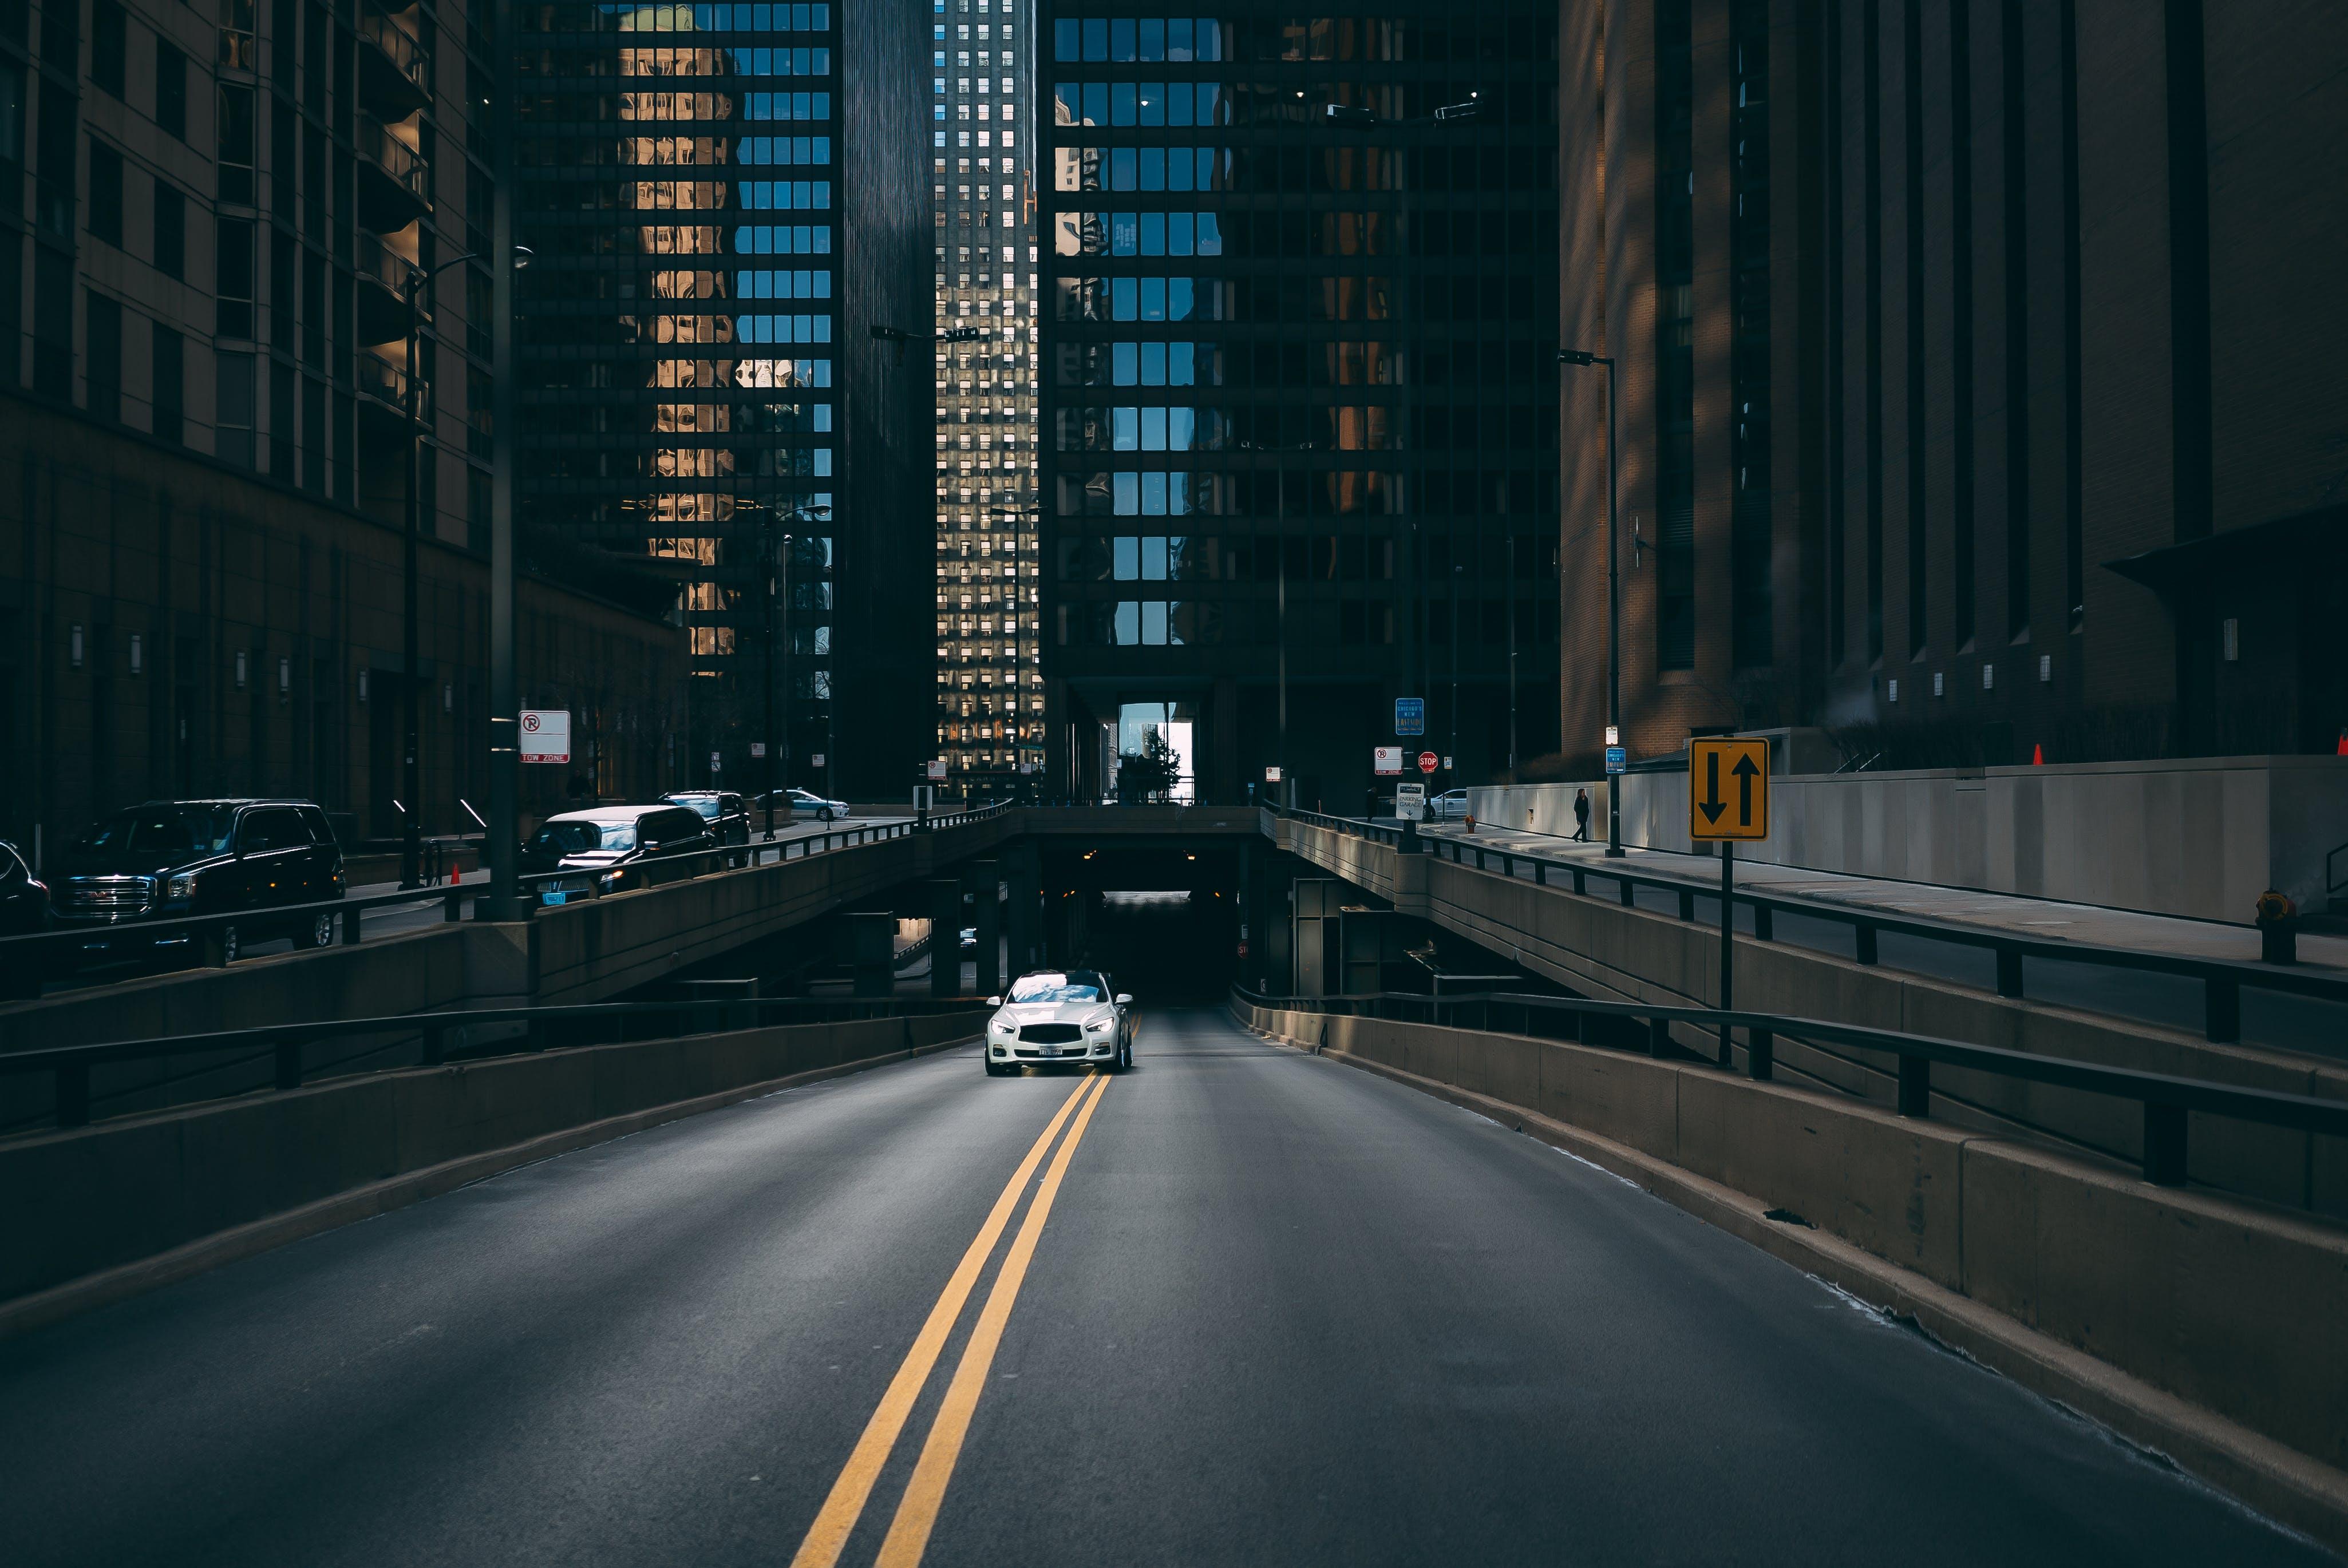 arkitektur, bevægelse, biler